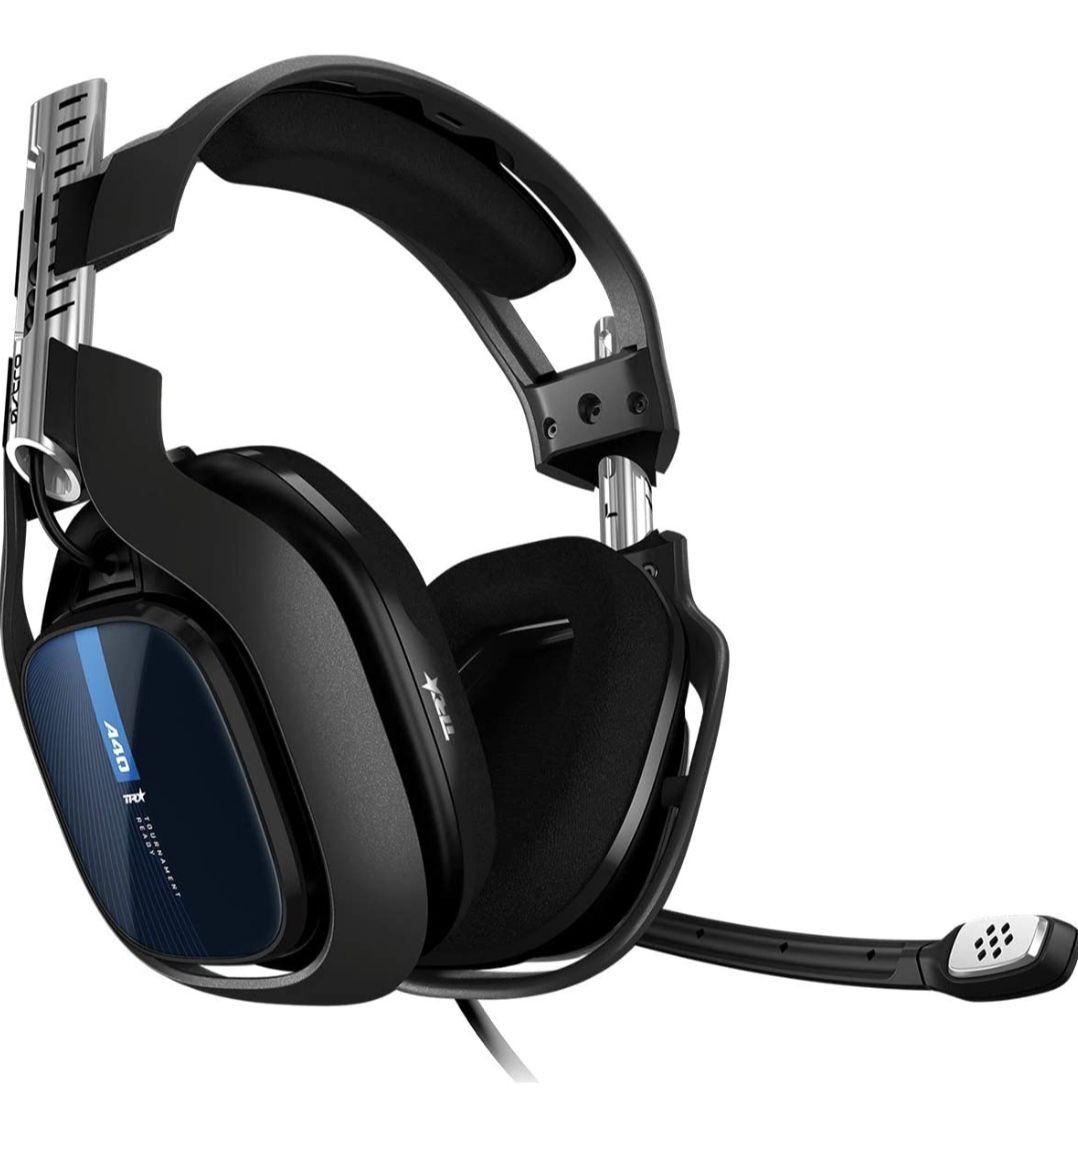 Auriculares Astro Gaming A40 (reaco muy bueno)